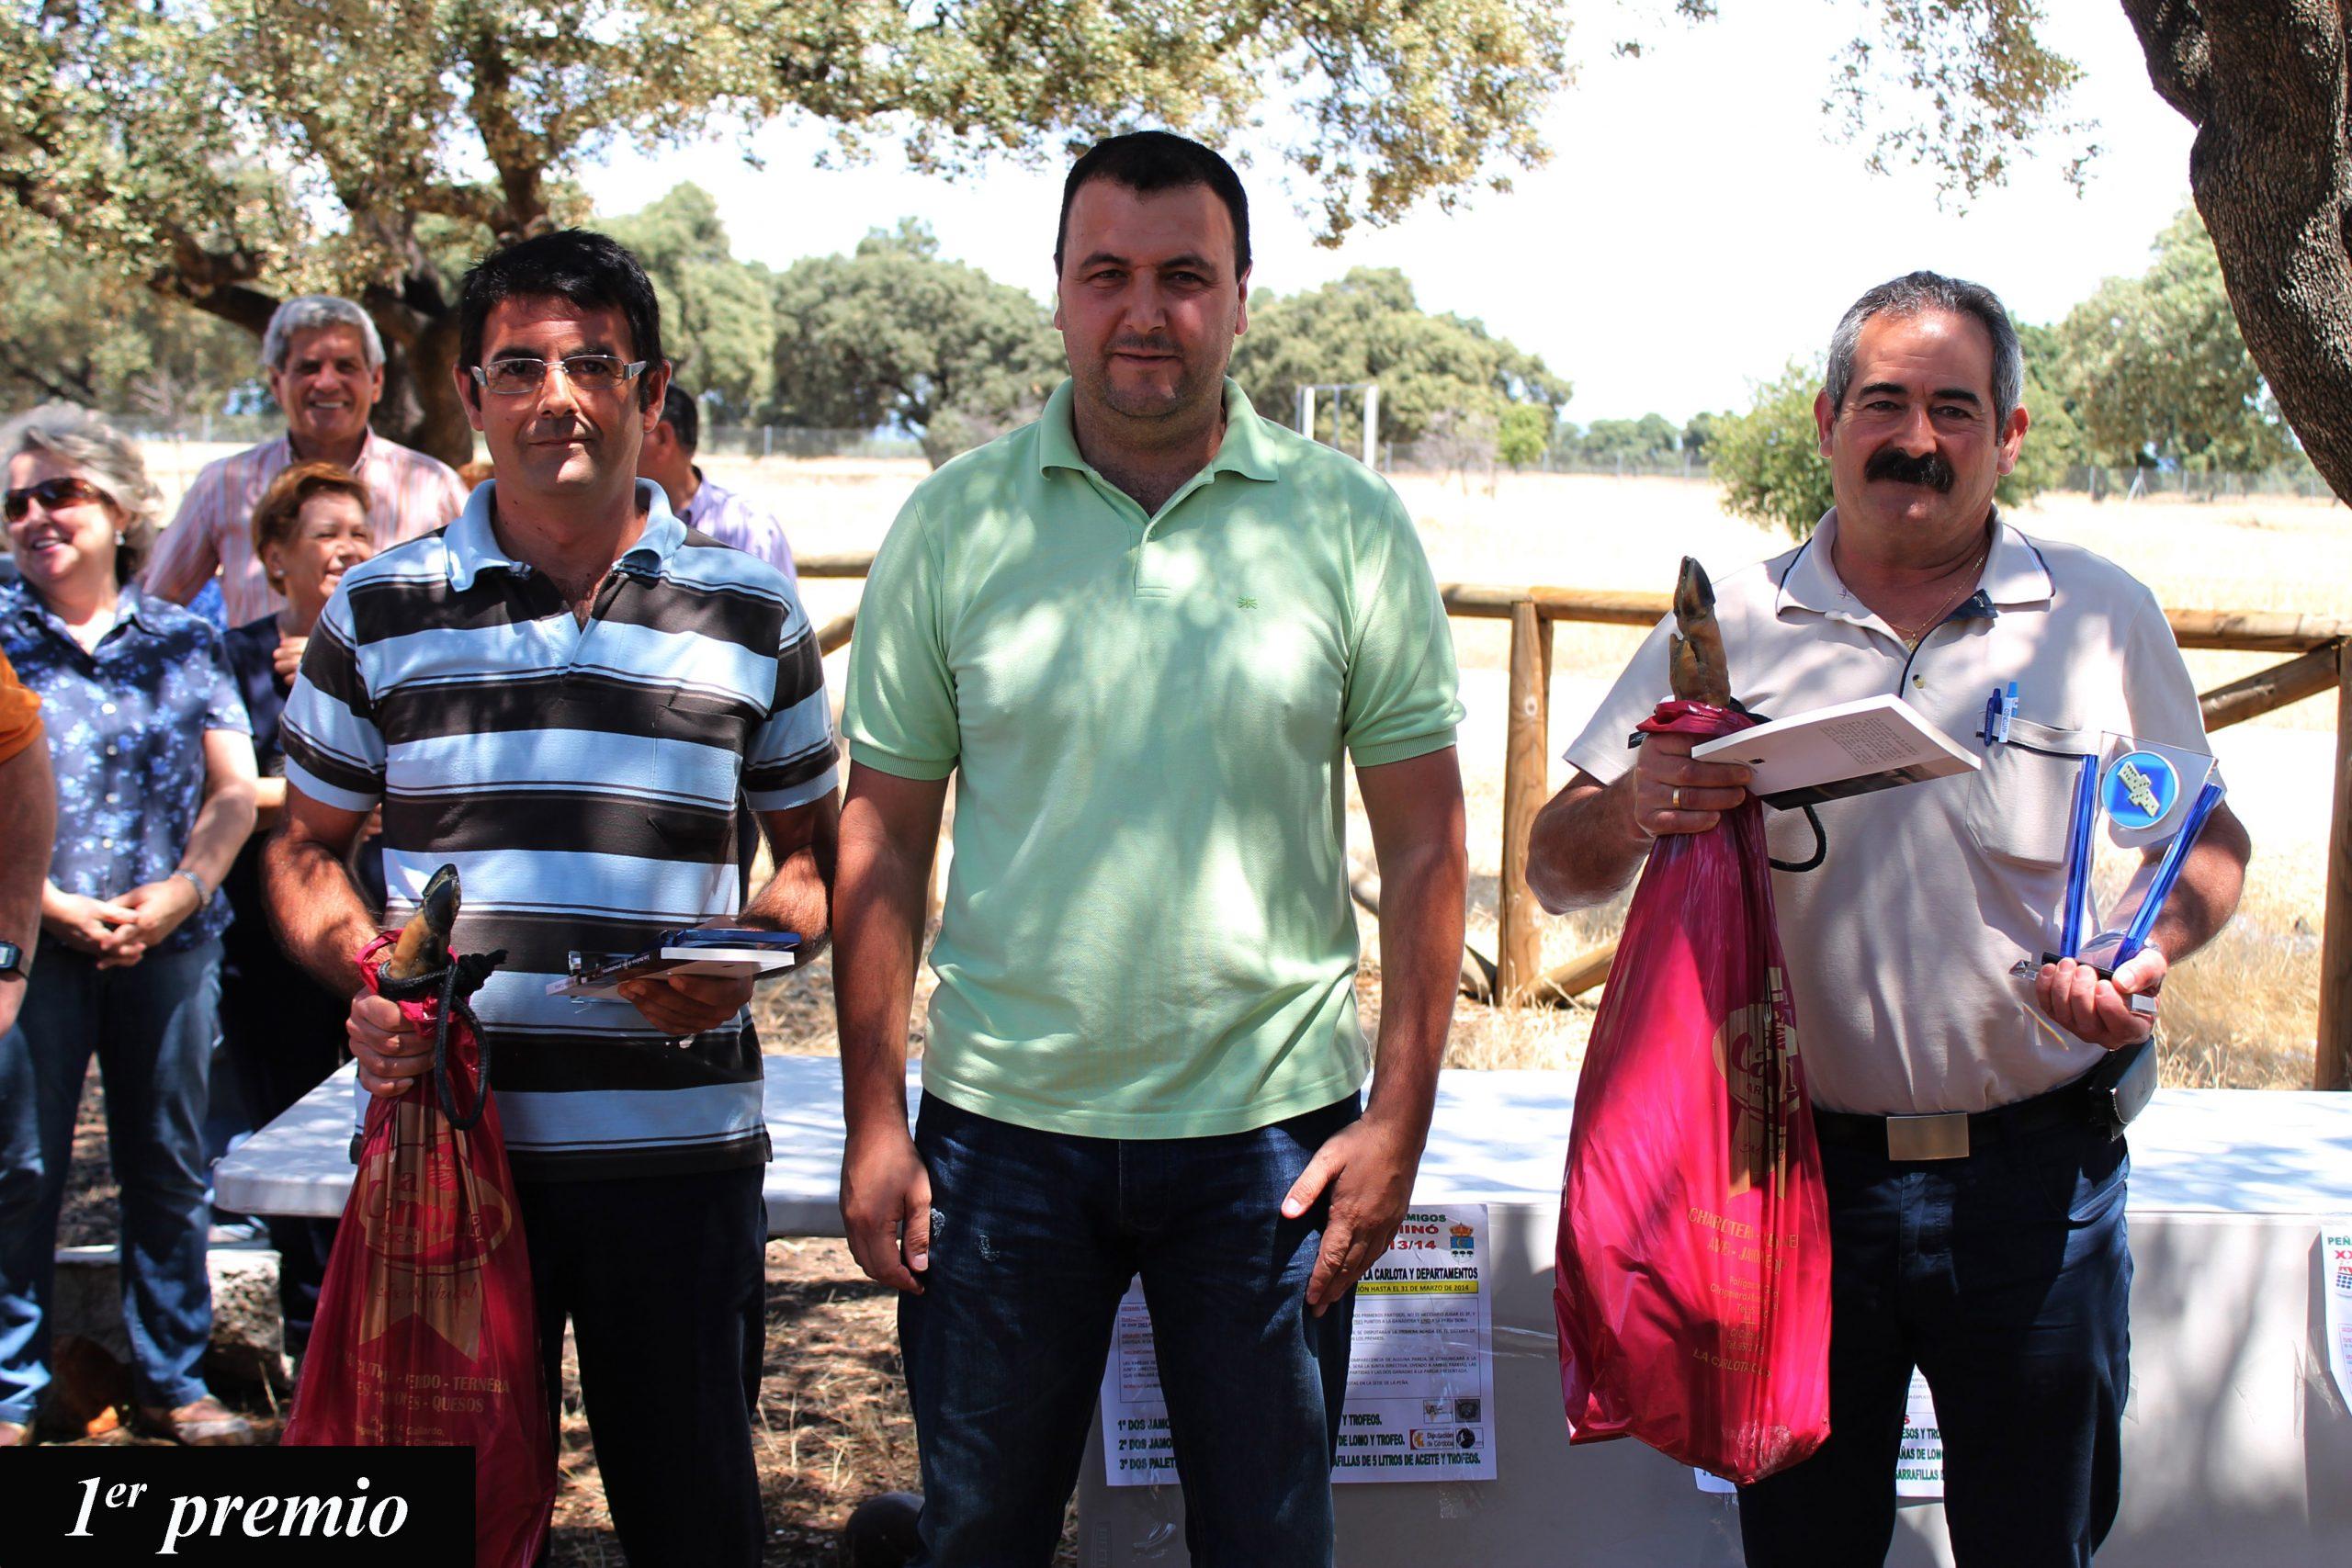 La Peña 'Los Amigos' entrega los premios de su XXVIII Campeonato de Dominó en una jornada de encuentro con los socios 1